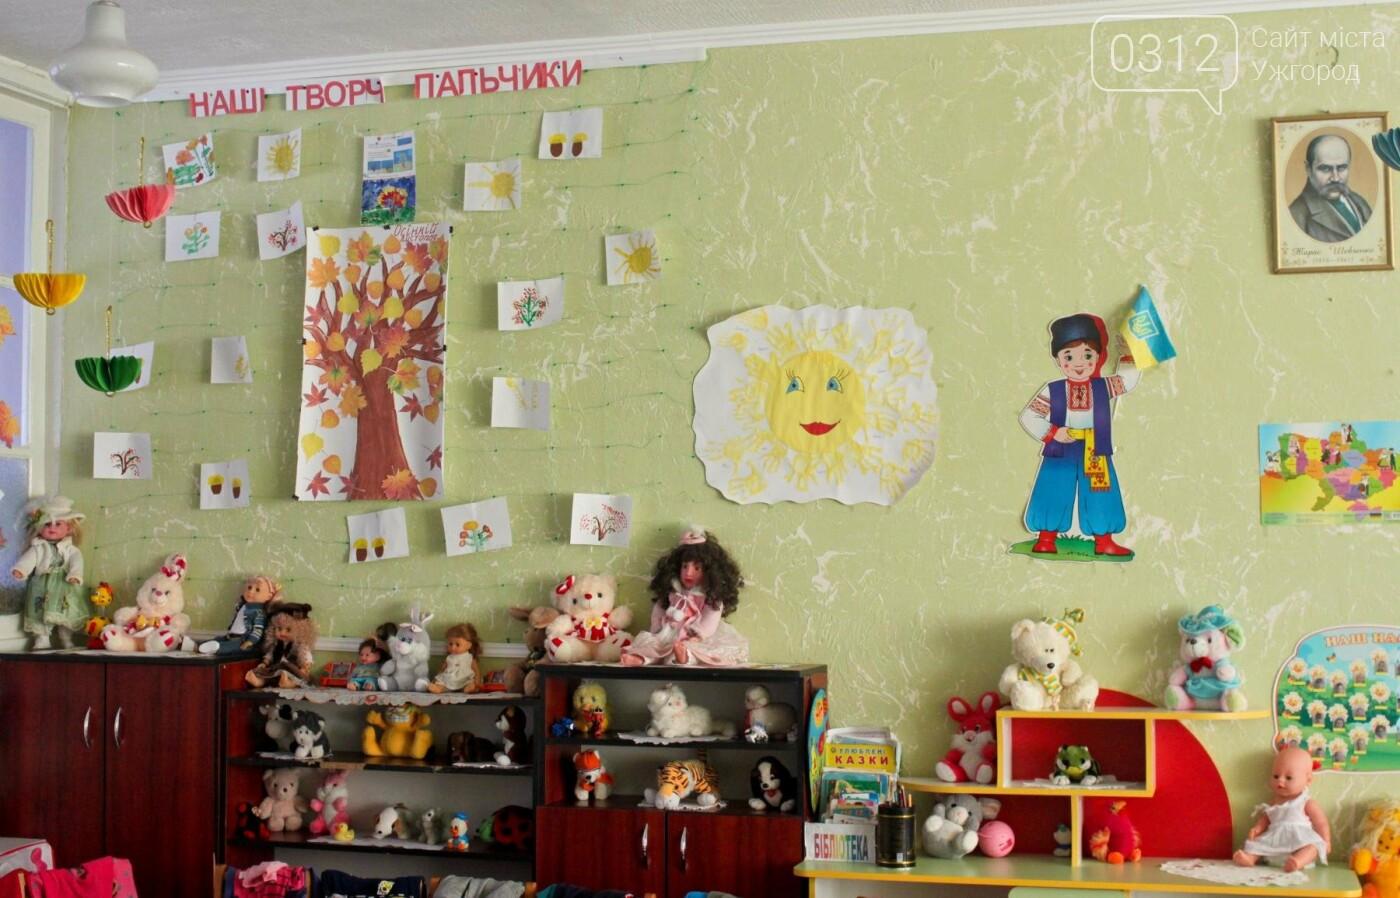 Чи тепло в приміщенні ужгородських дитсадків: фоторепортаж, фото-5